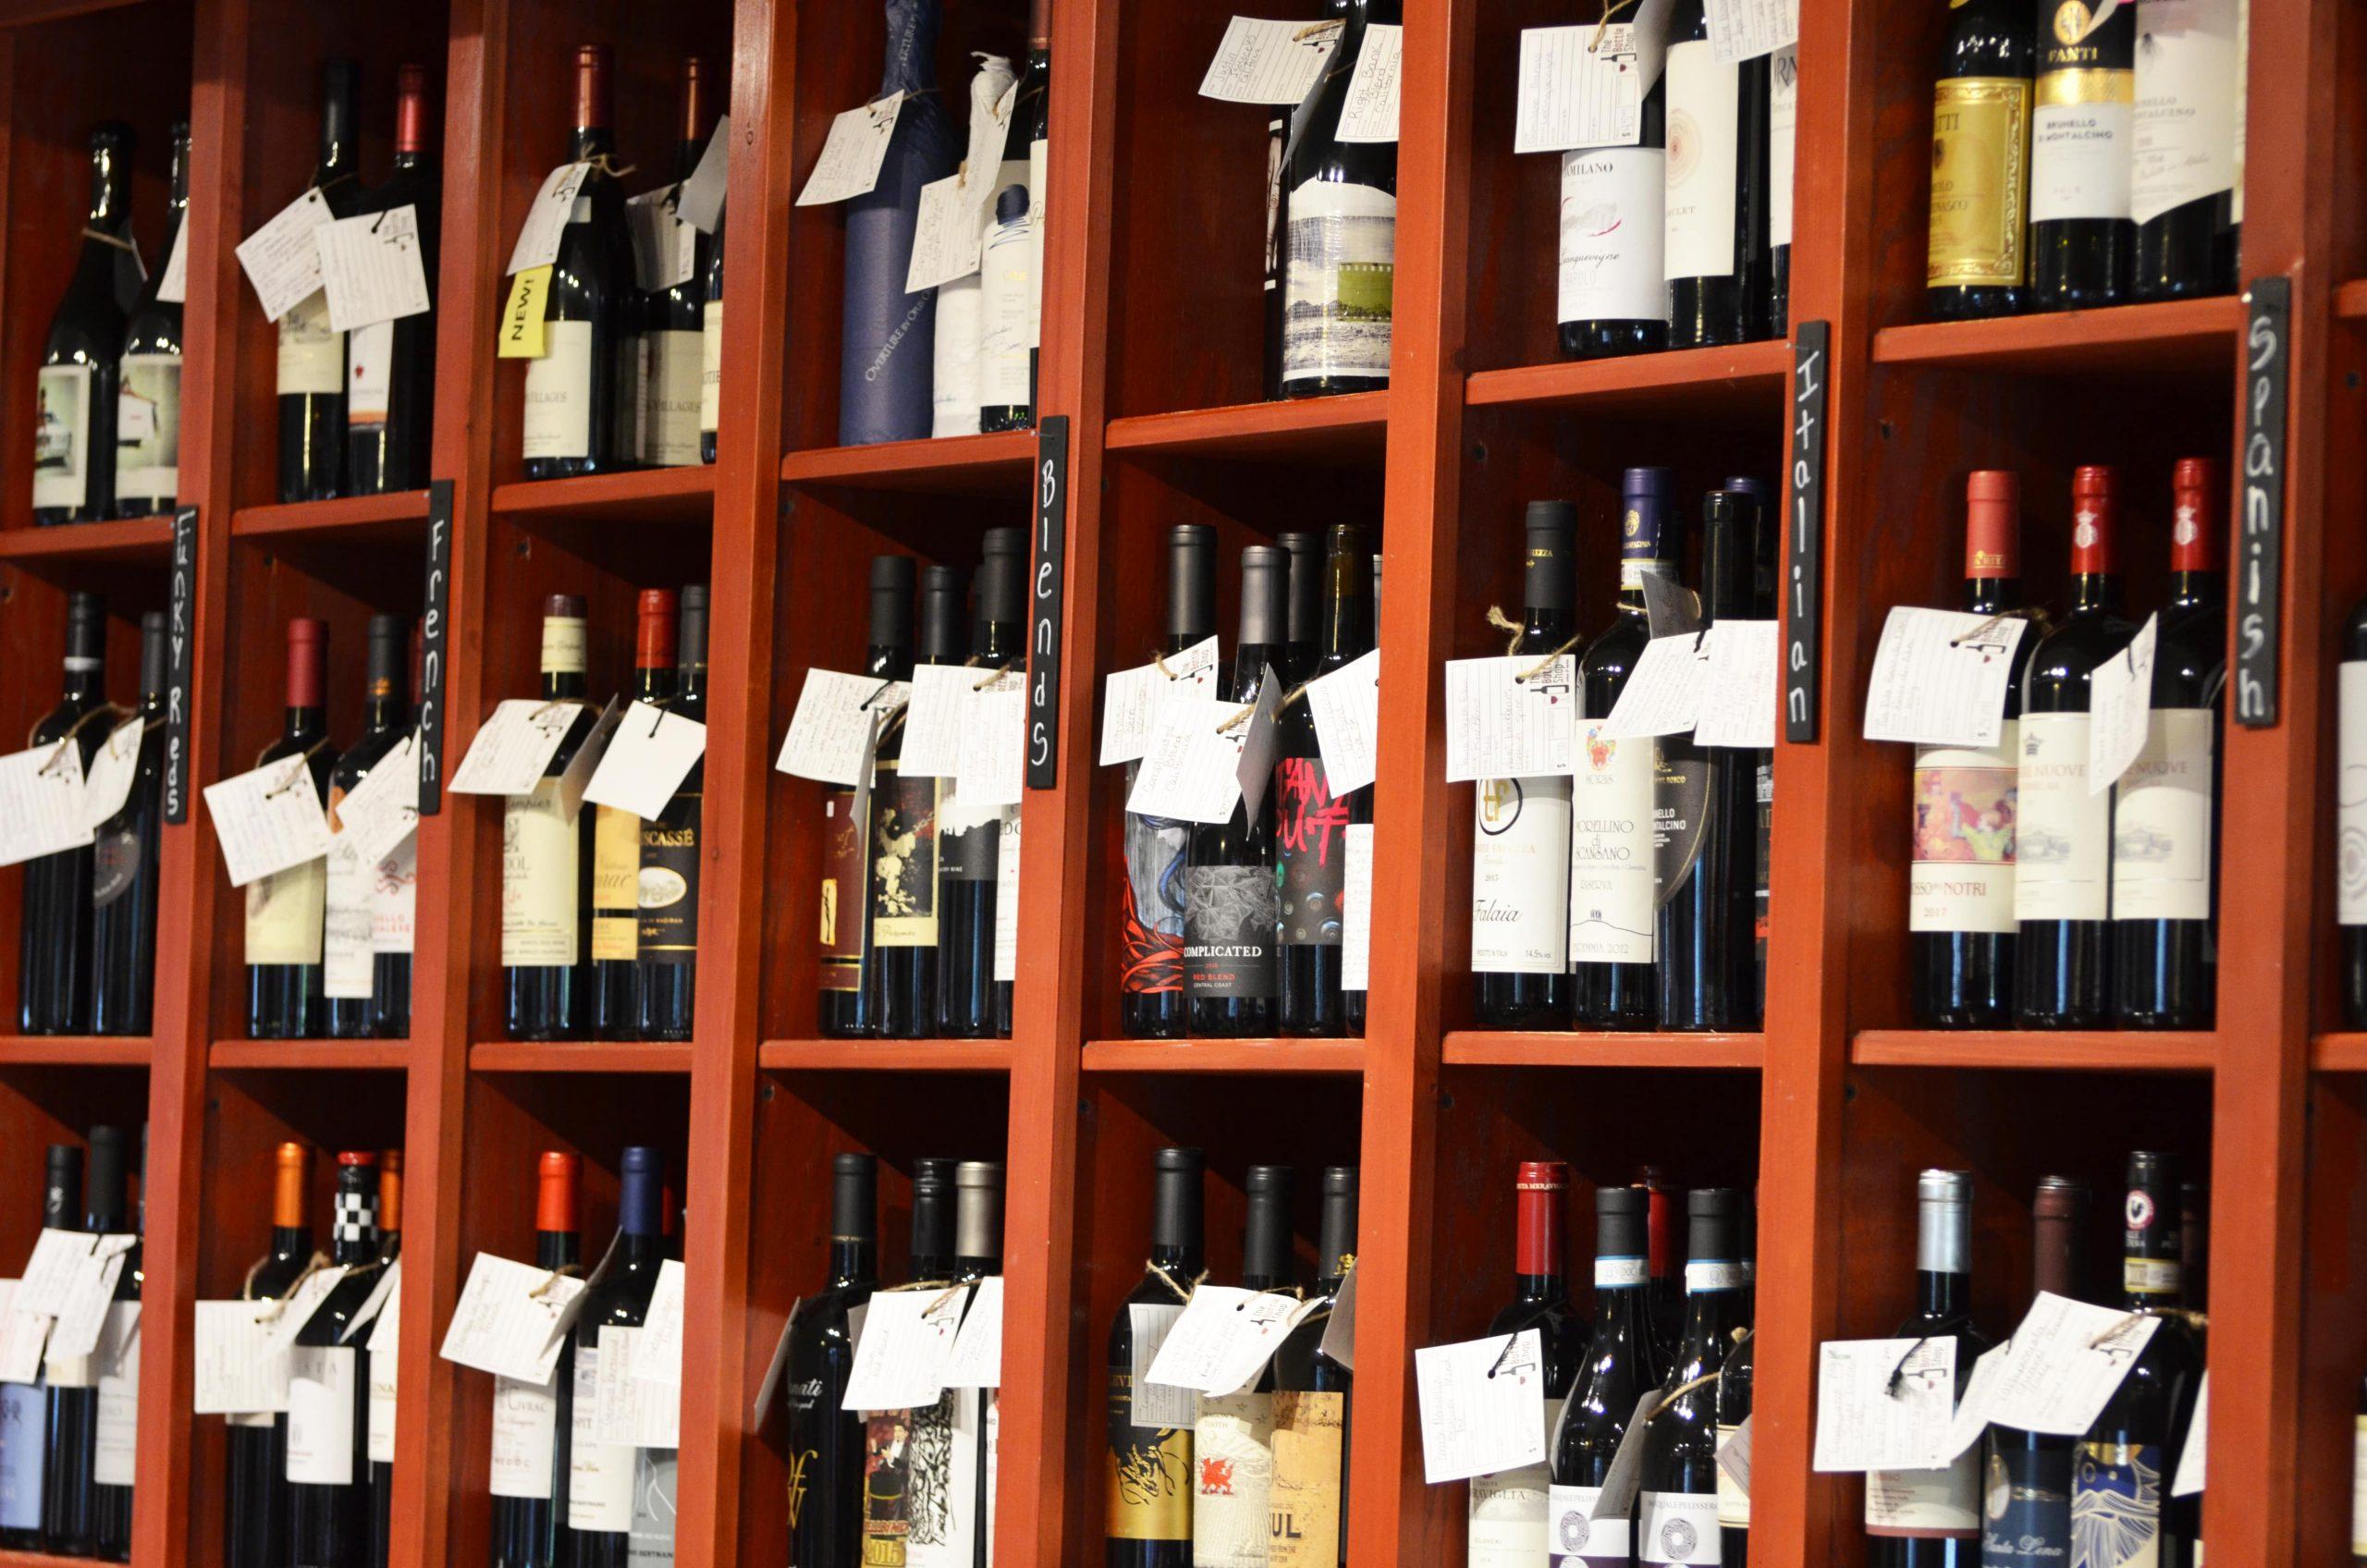 Shelf picture